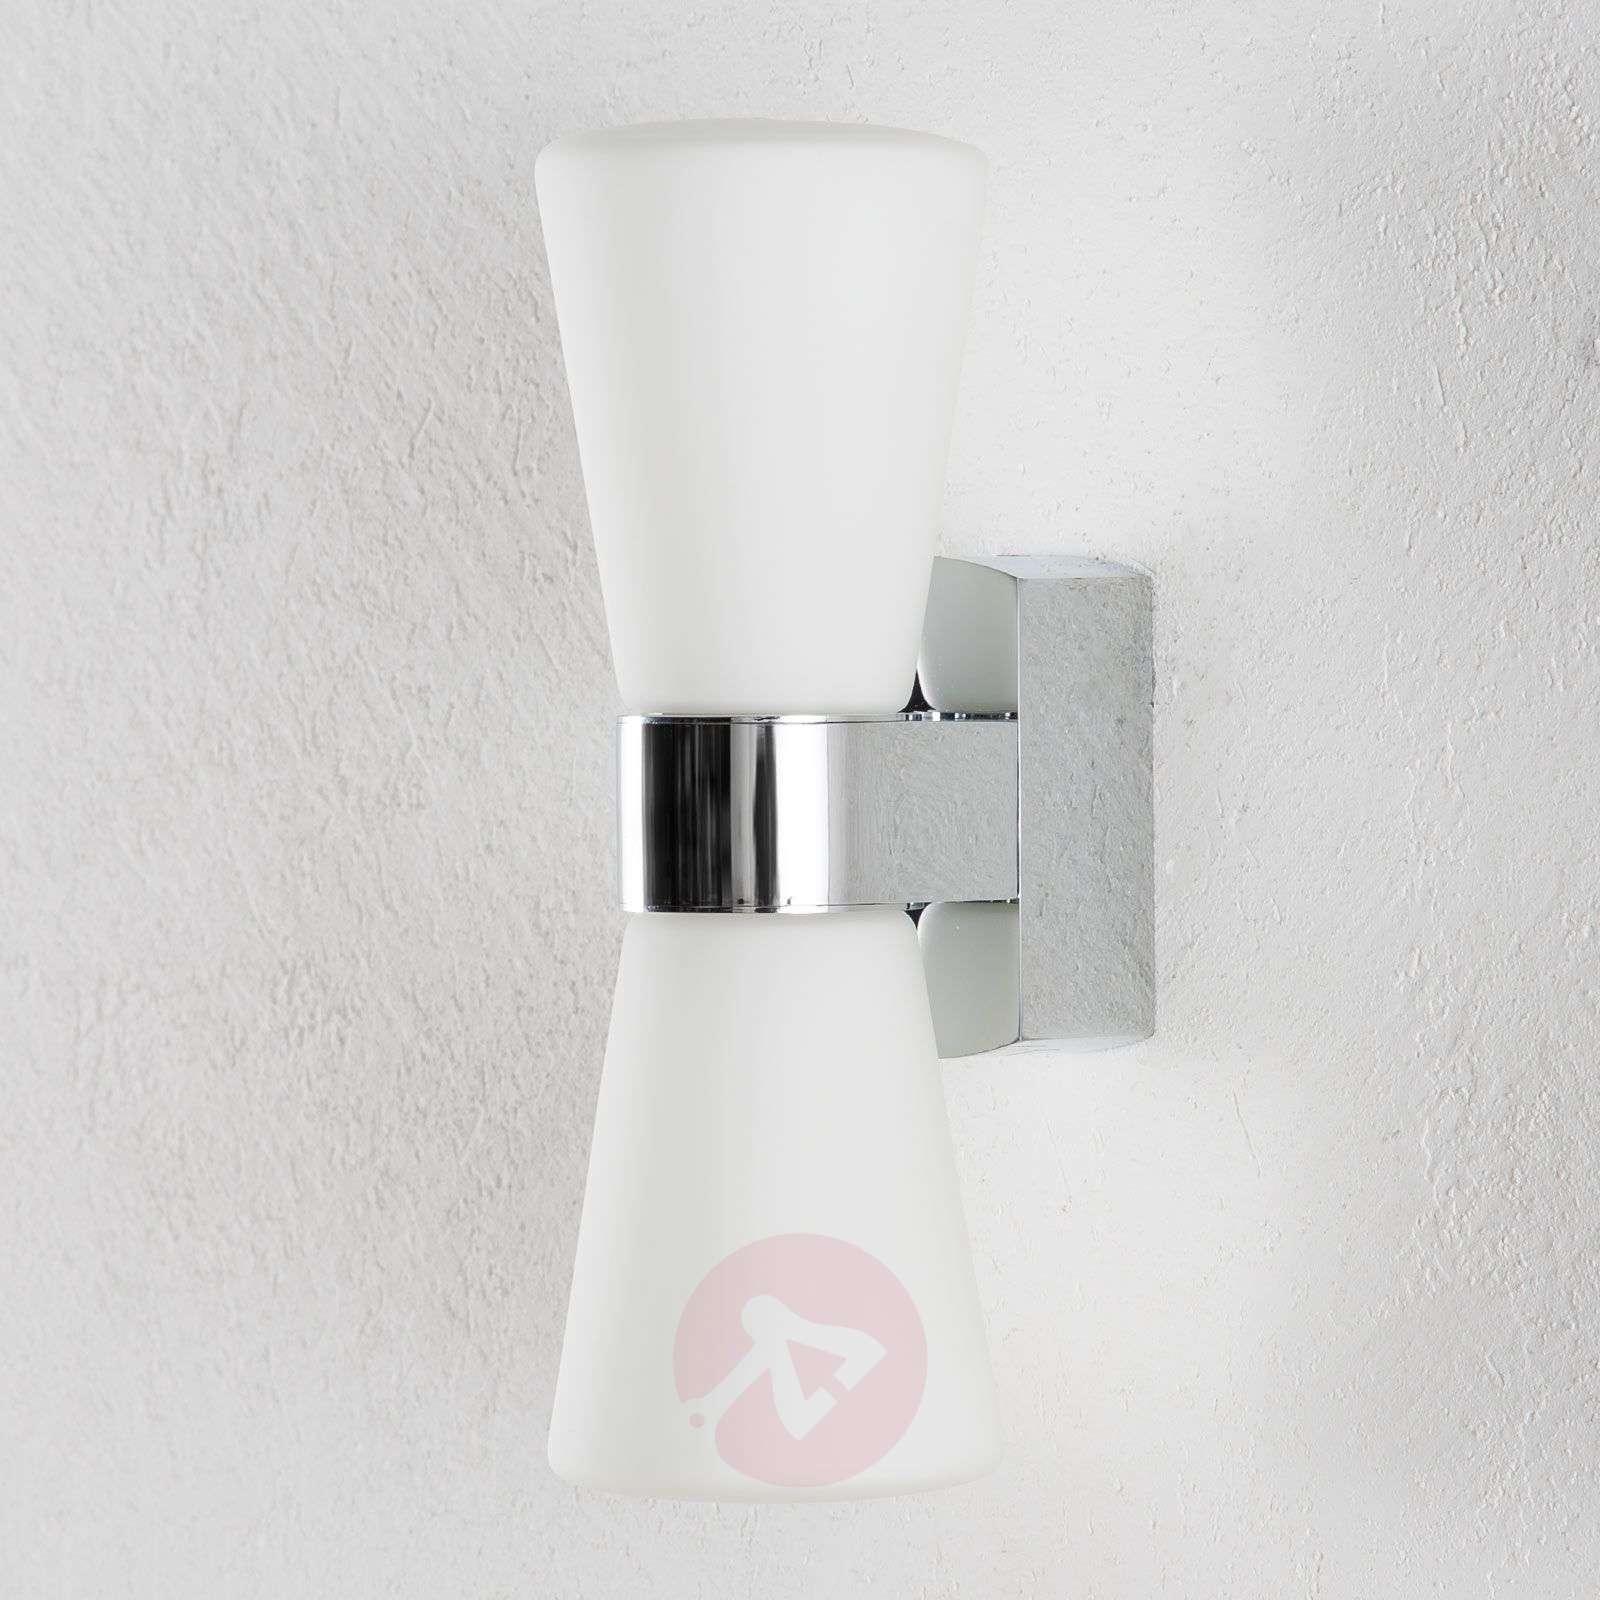 Cailin LED wall light IP44-3031854-01